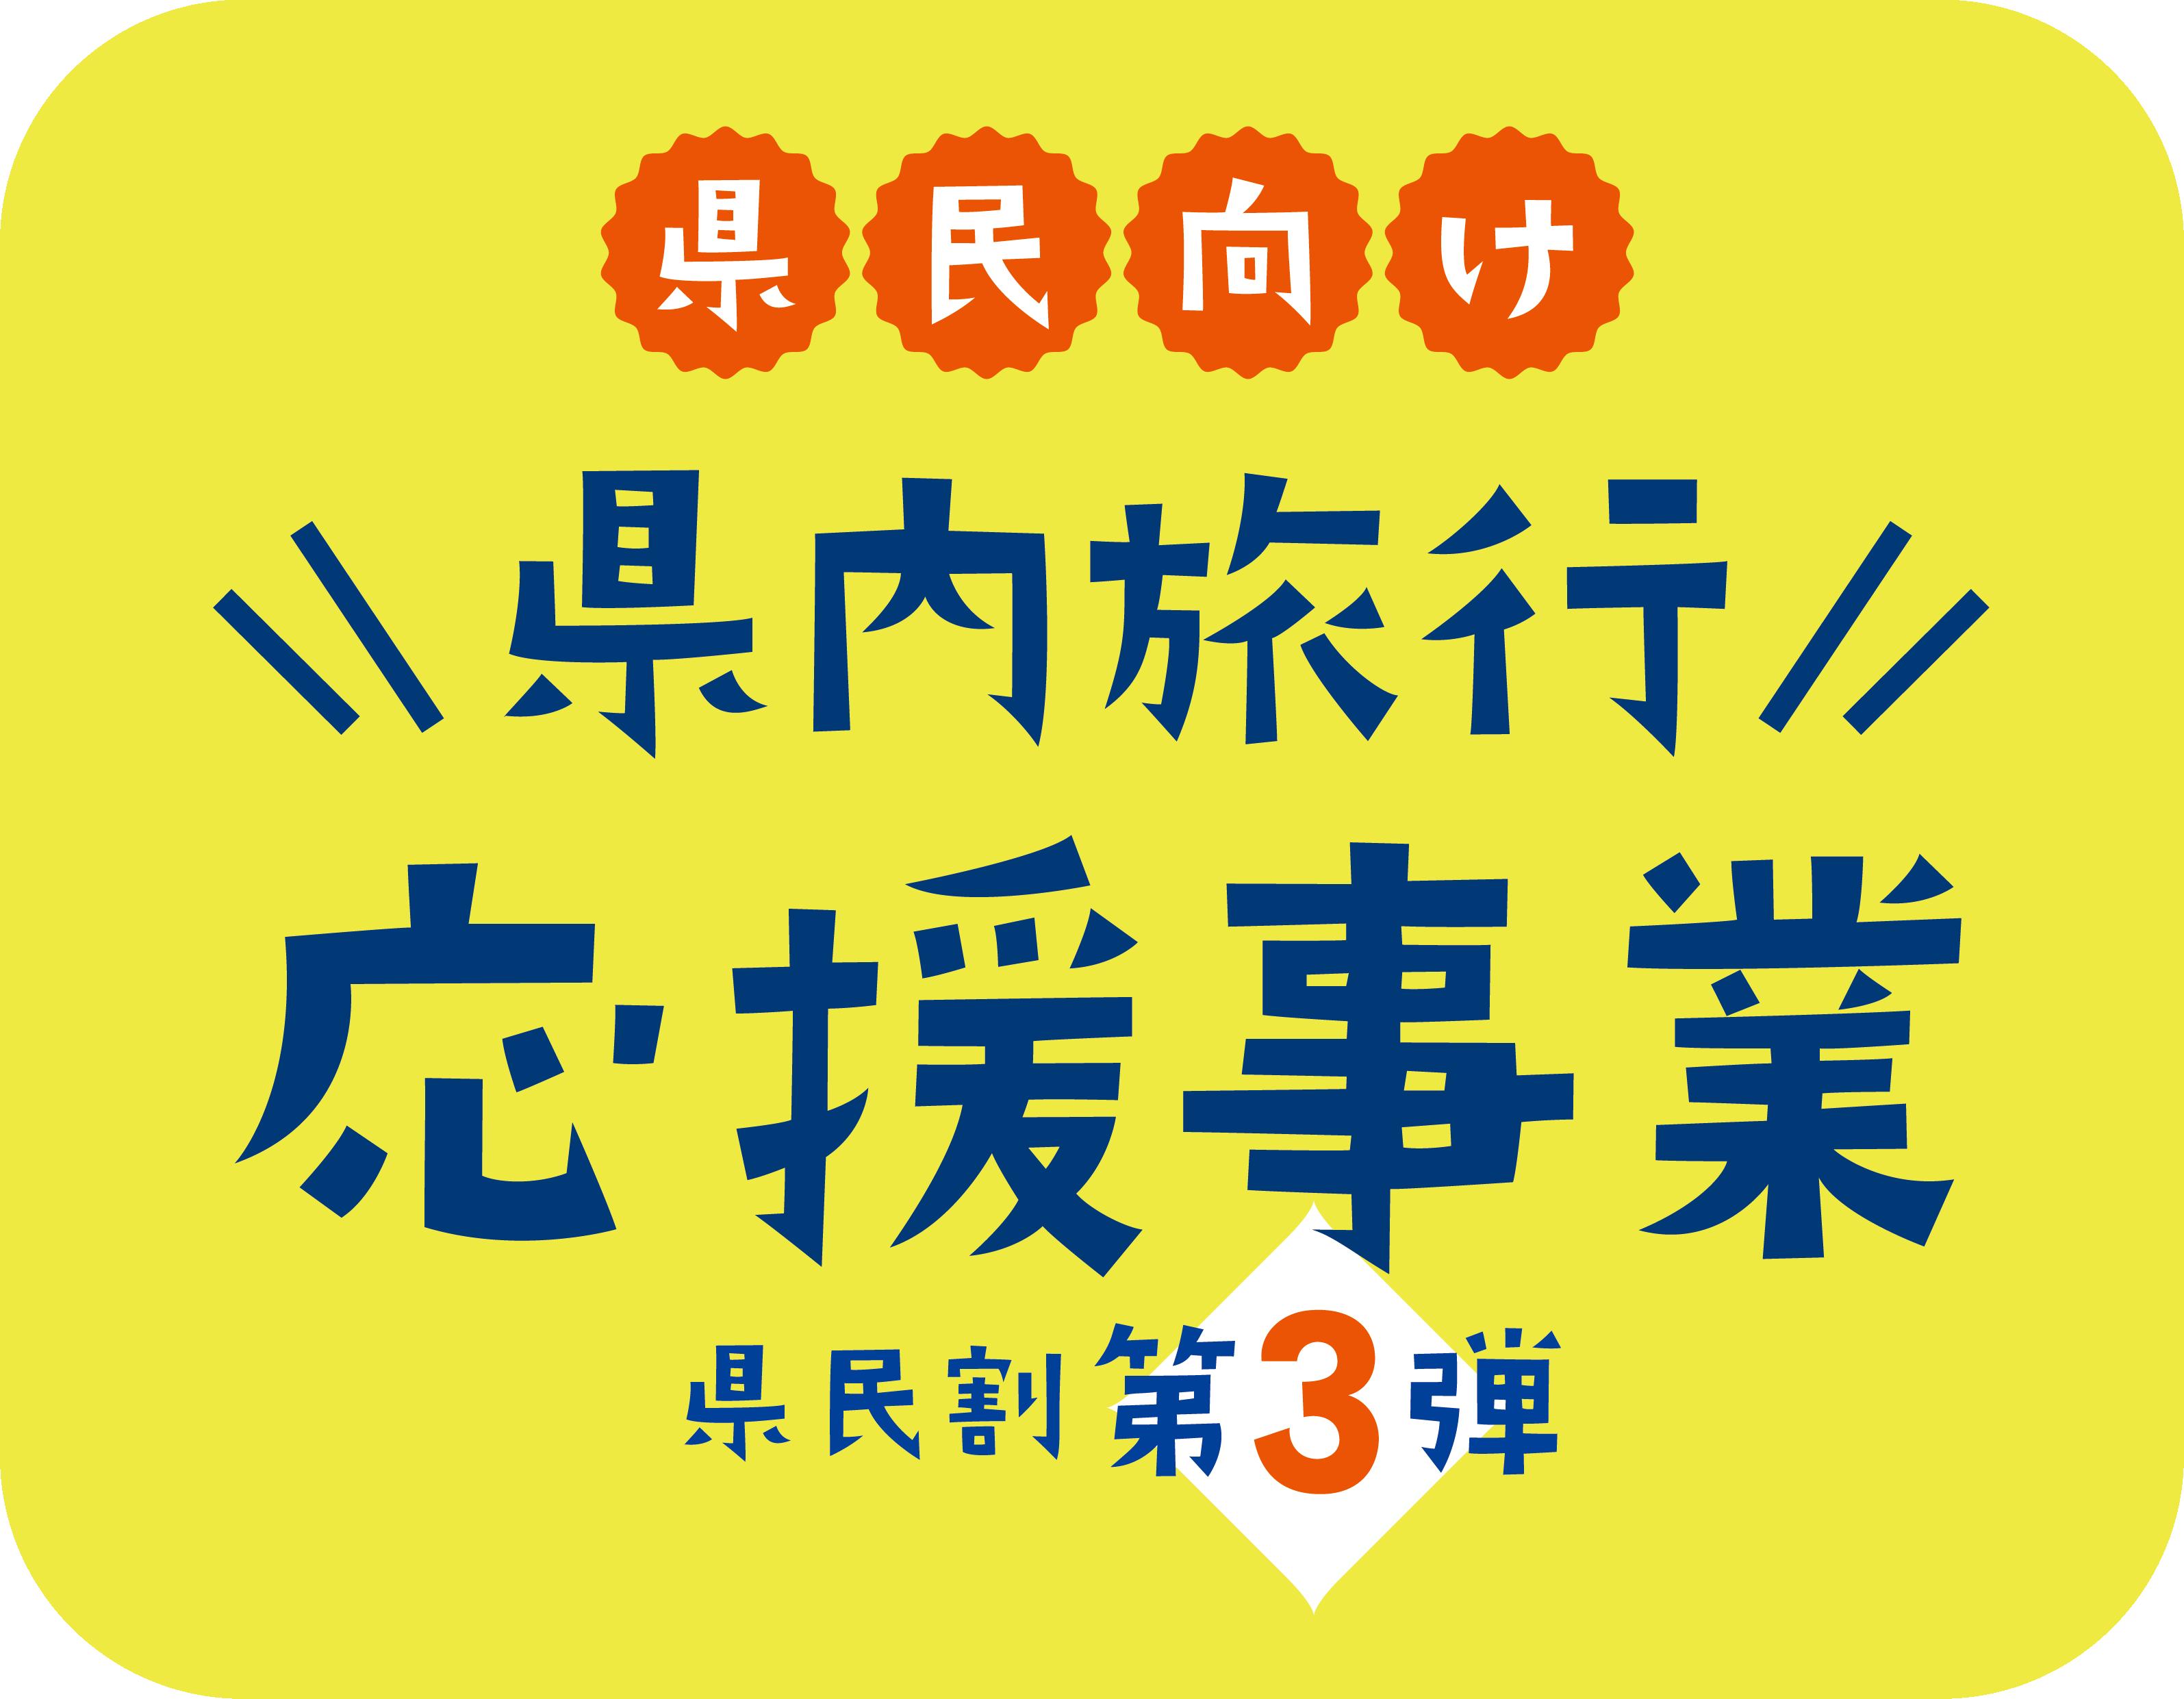 県民割第3弾ロゴ